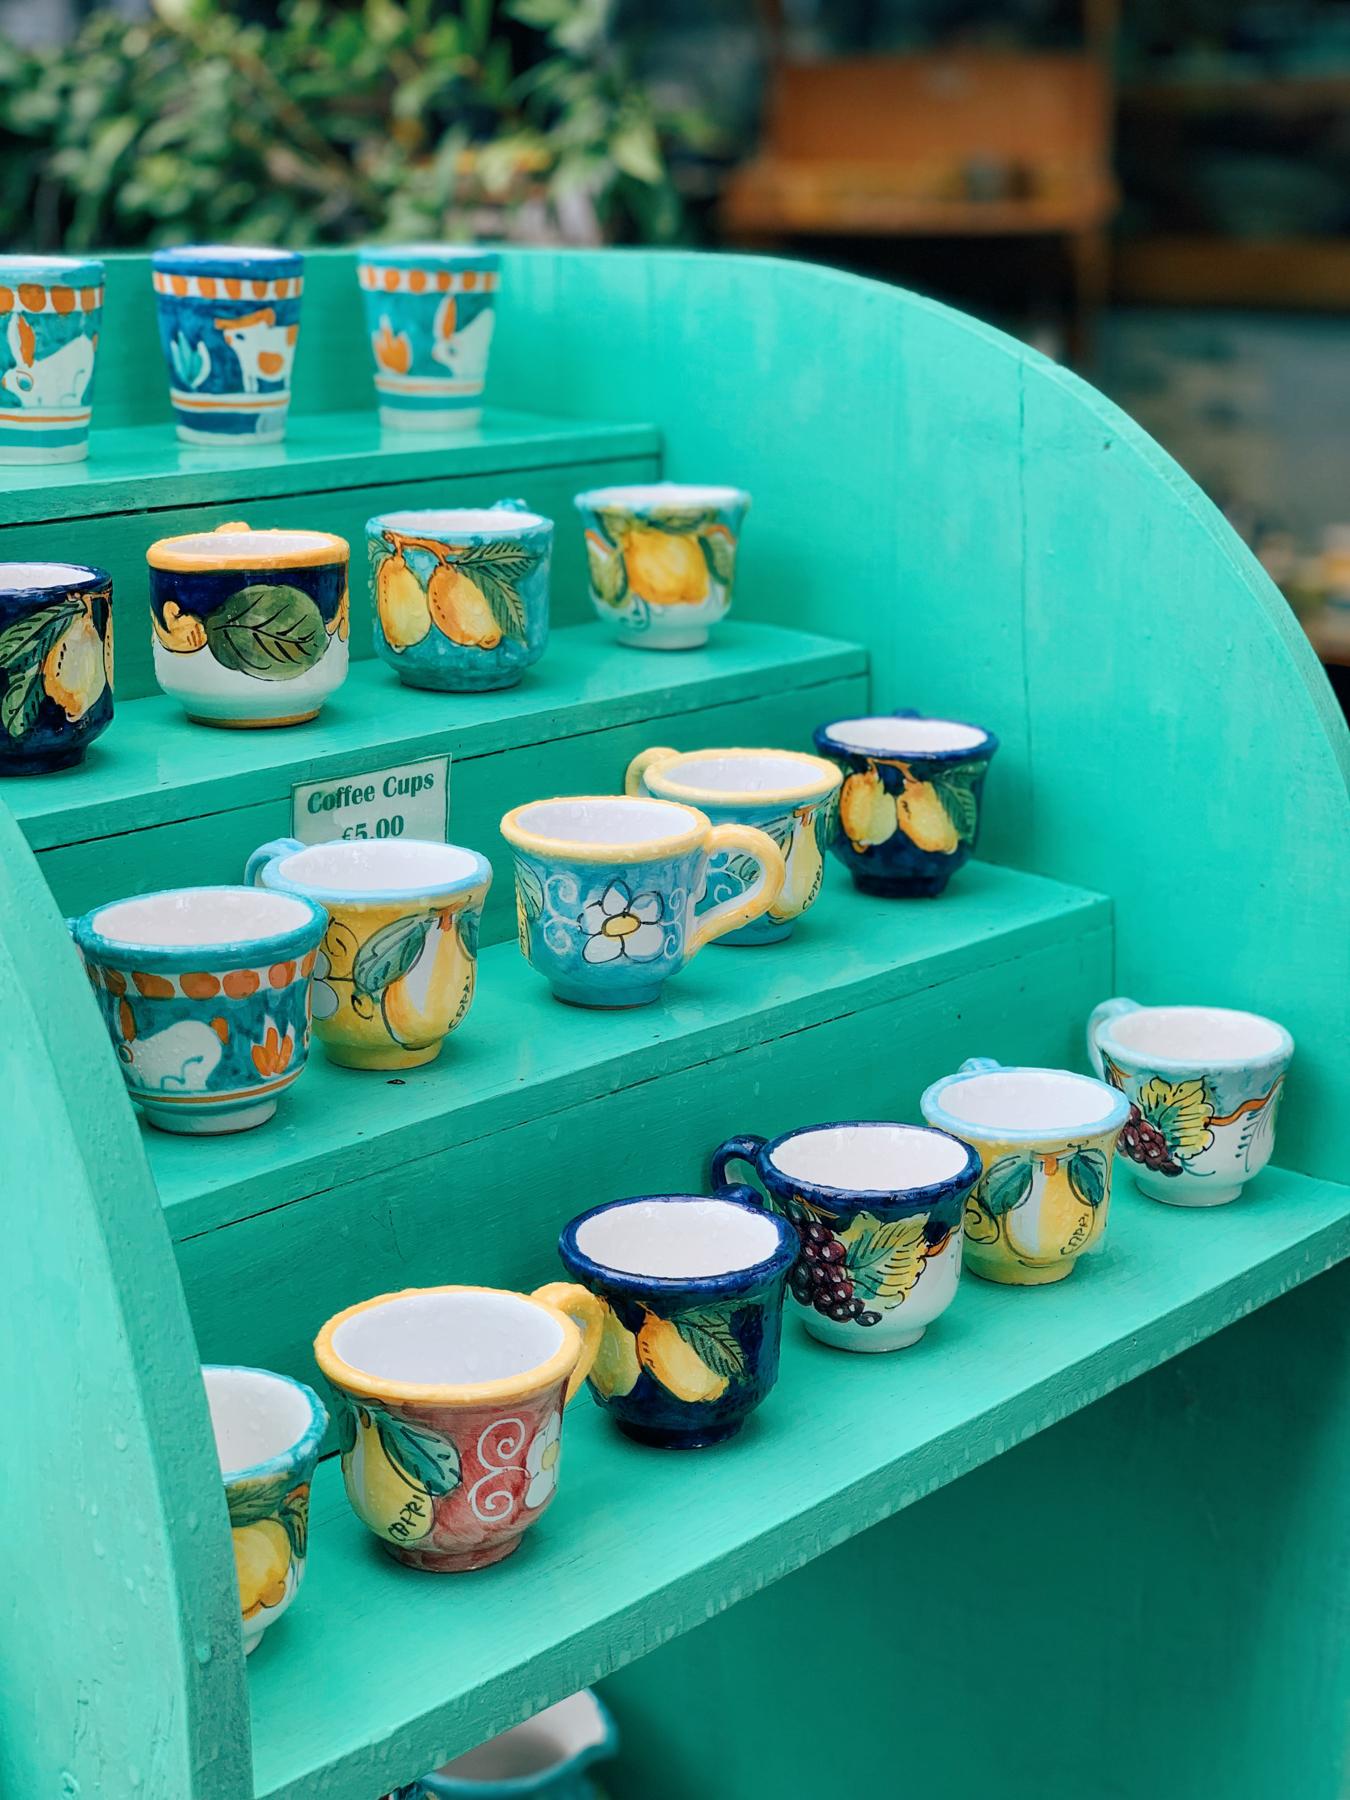 The ceramics in Capri were so pretty!